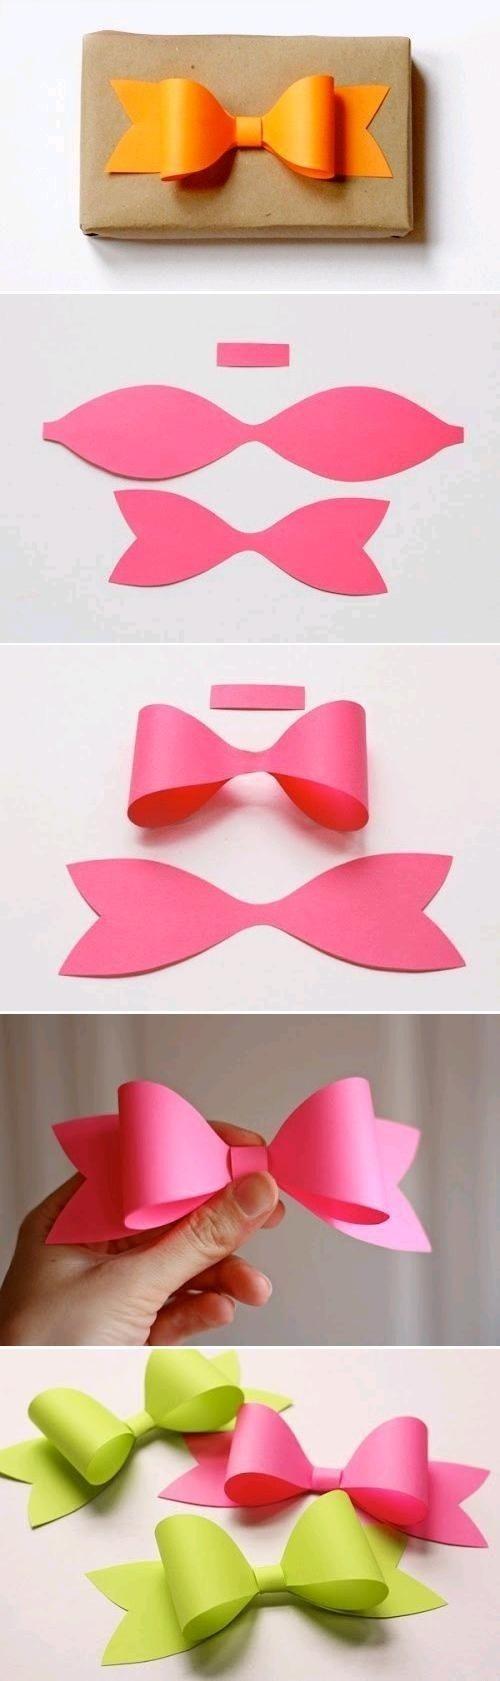 Faça um laço surpreendentemente fácil sem papel. | 23 Tricks To Take The Stress Out Of Wrapping Gifts